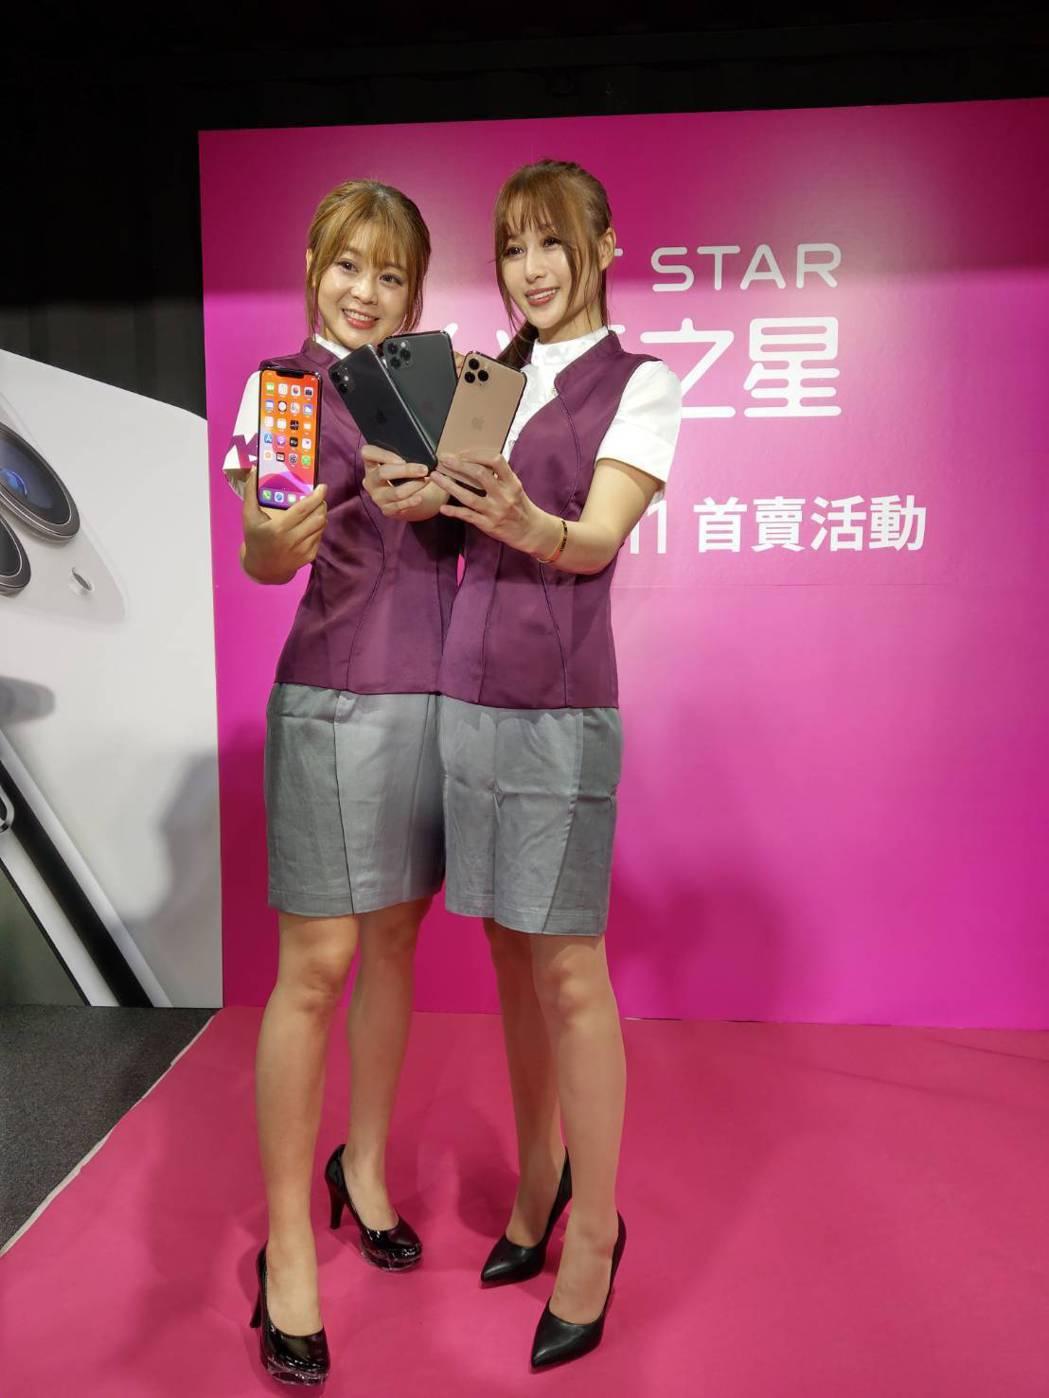 台灣之星開賣iPhone 11,打出現場排隊前20名,不用登記,免抽獎,月租99...